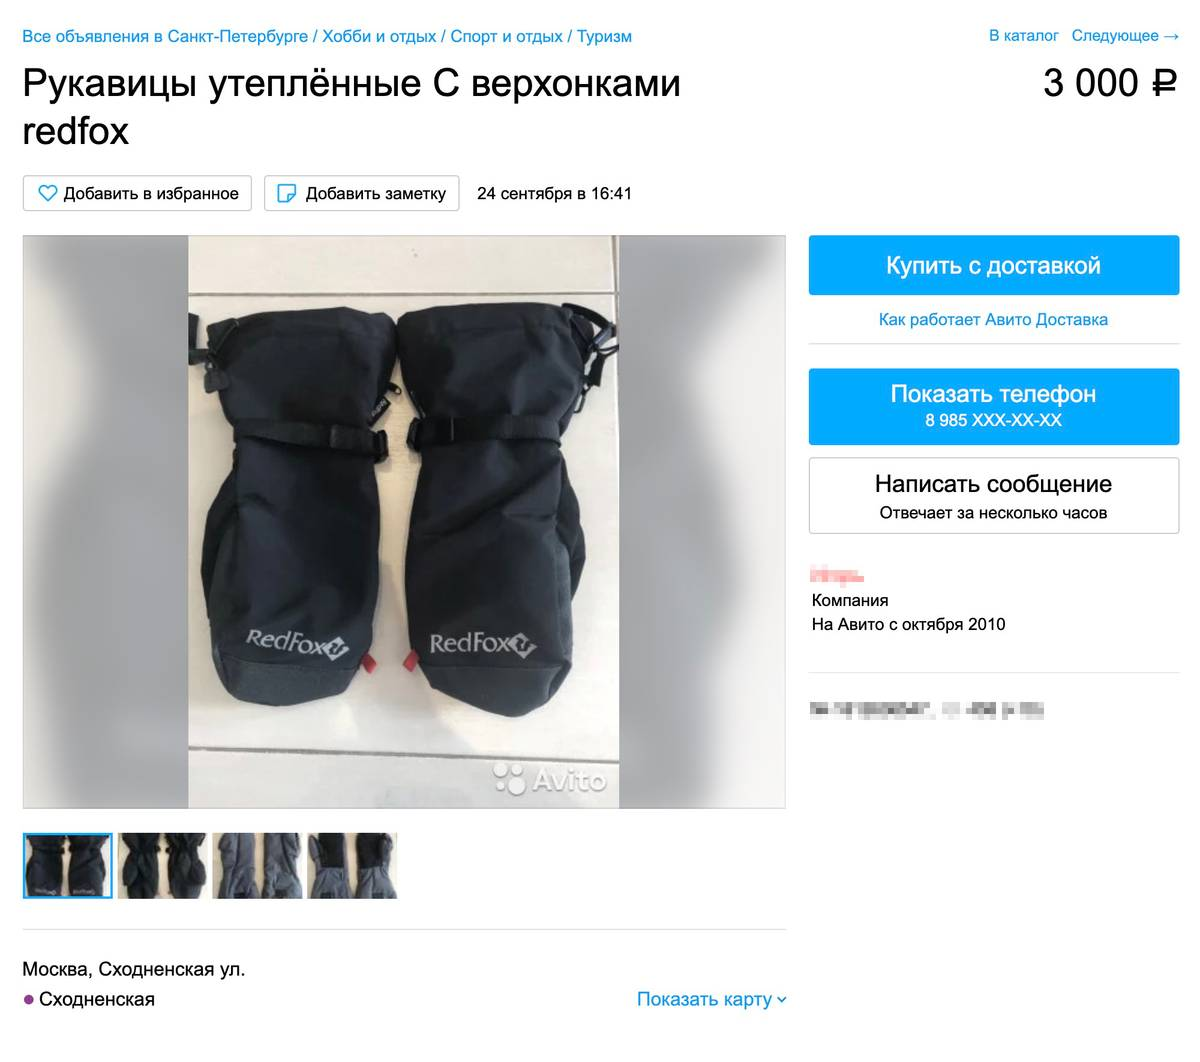 Не всегда на «Авито» выгодные цены. В официальных магазинах такие рукавицы можно взять дешевле с дисконтной картой друга